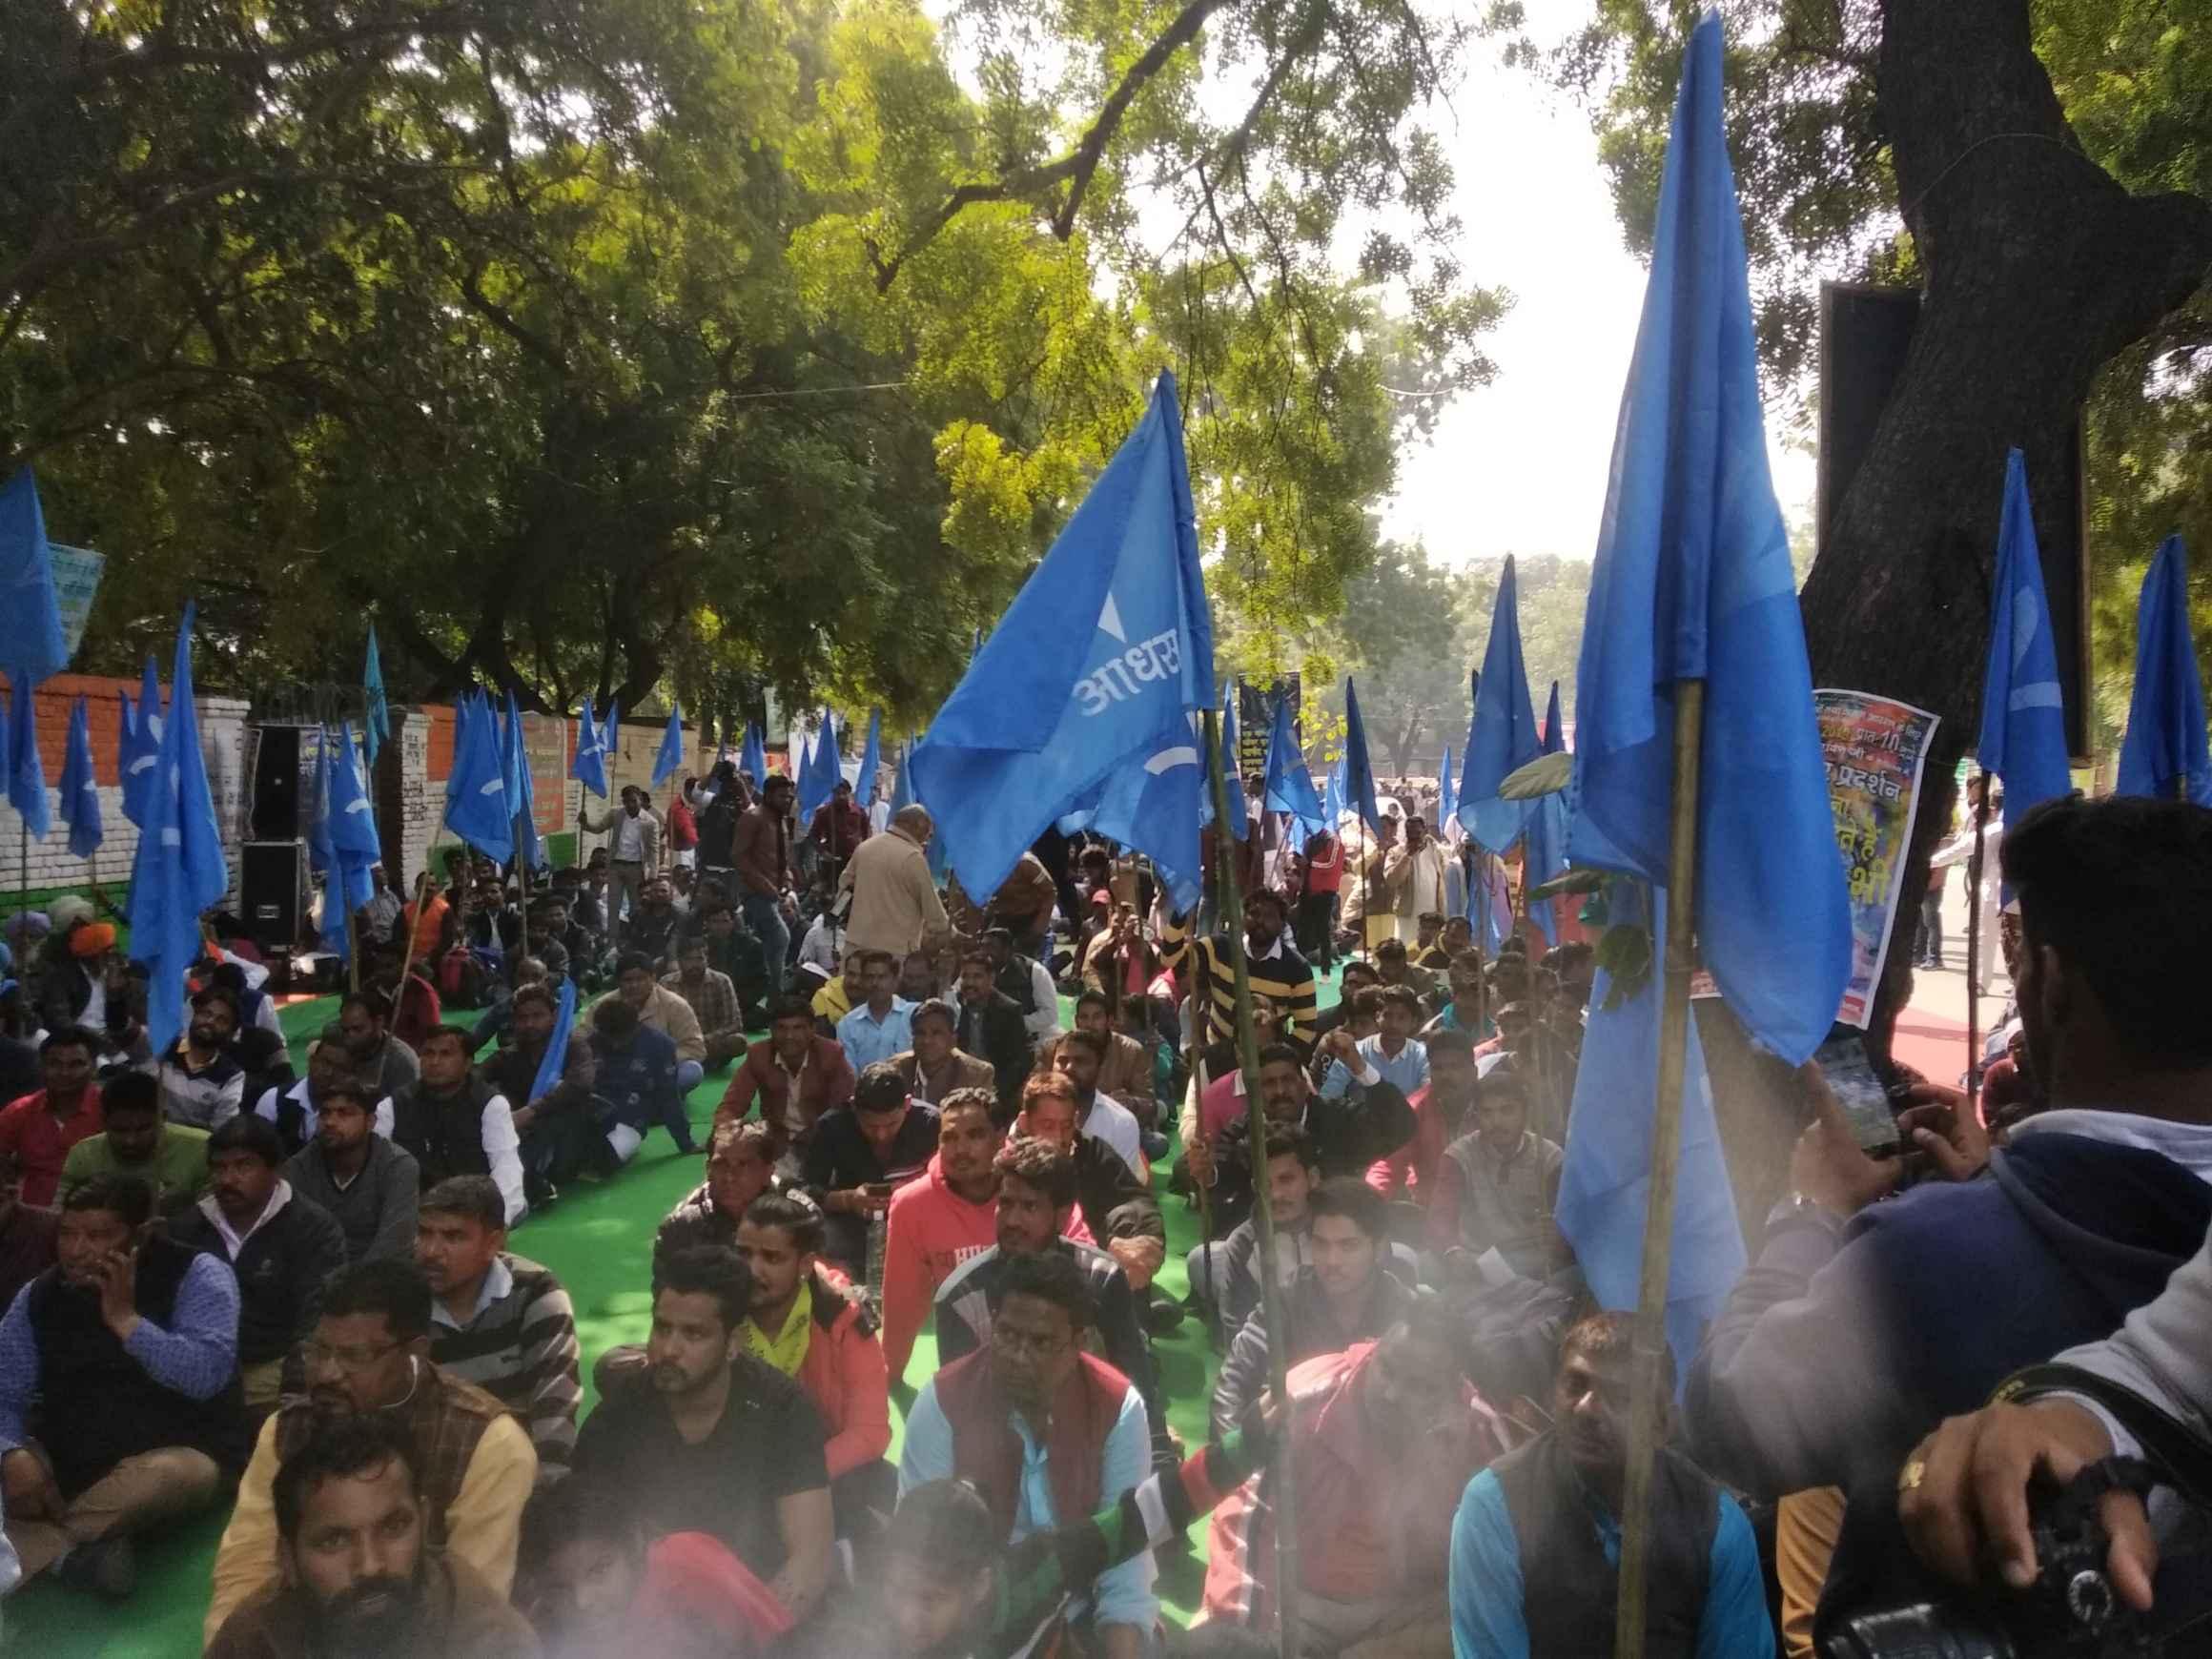 سیور میں صفائی ملازمین کی موت پر جنتر منتر پر مظاہرہ کرتے آدی سماج کے کارکن۔